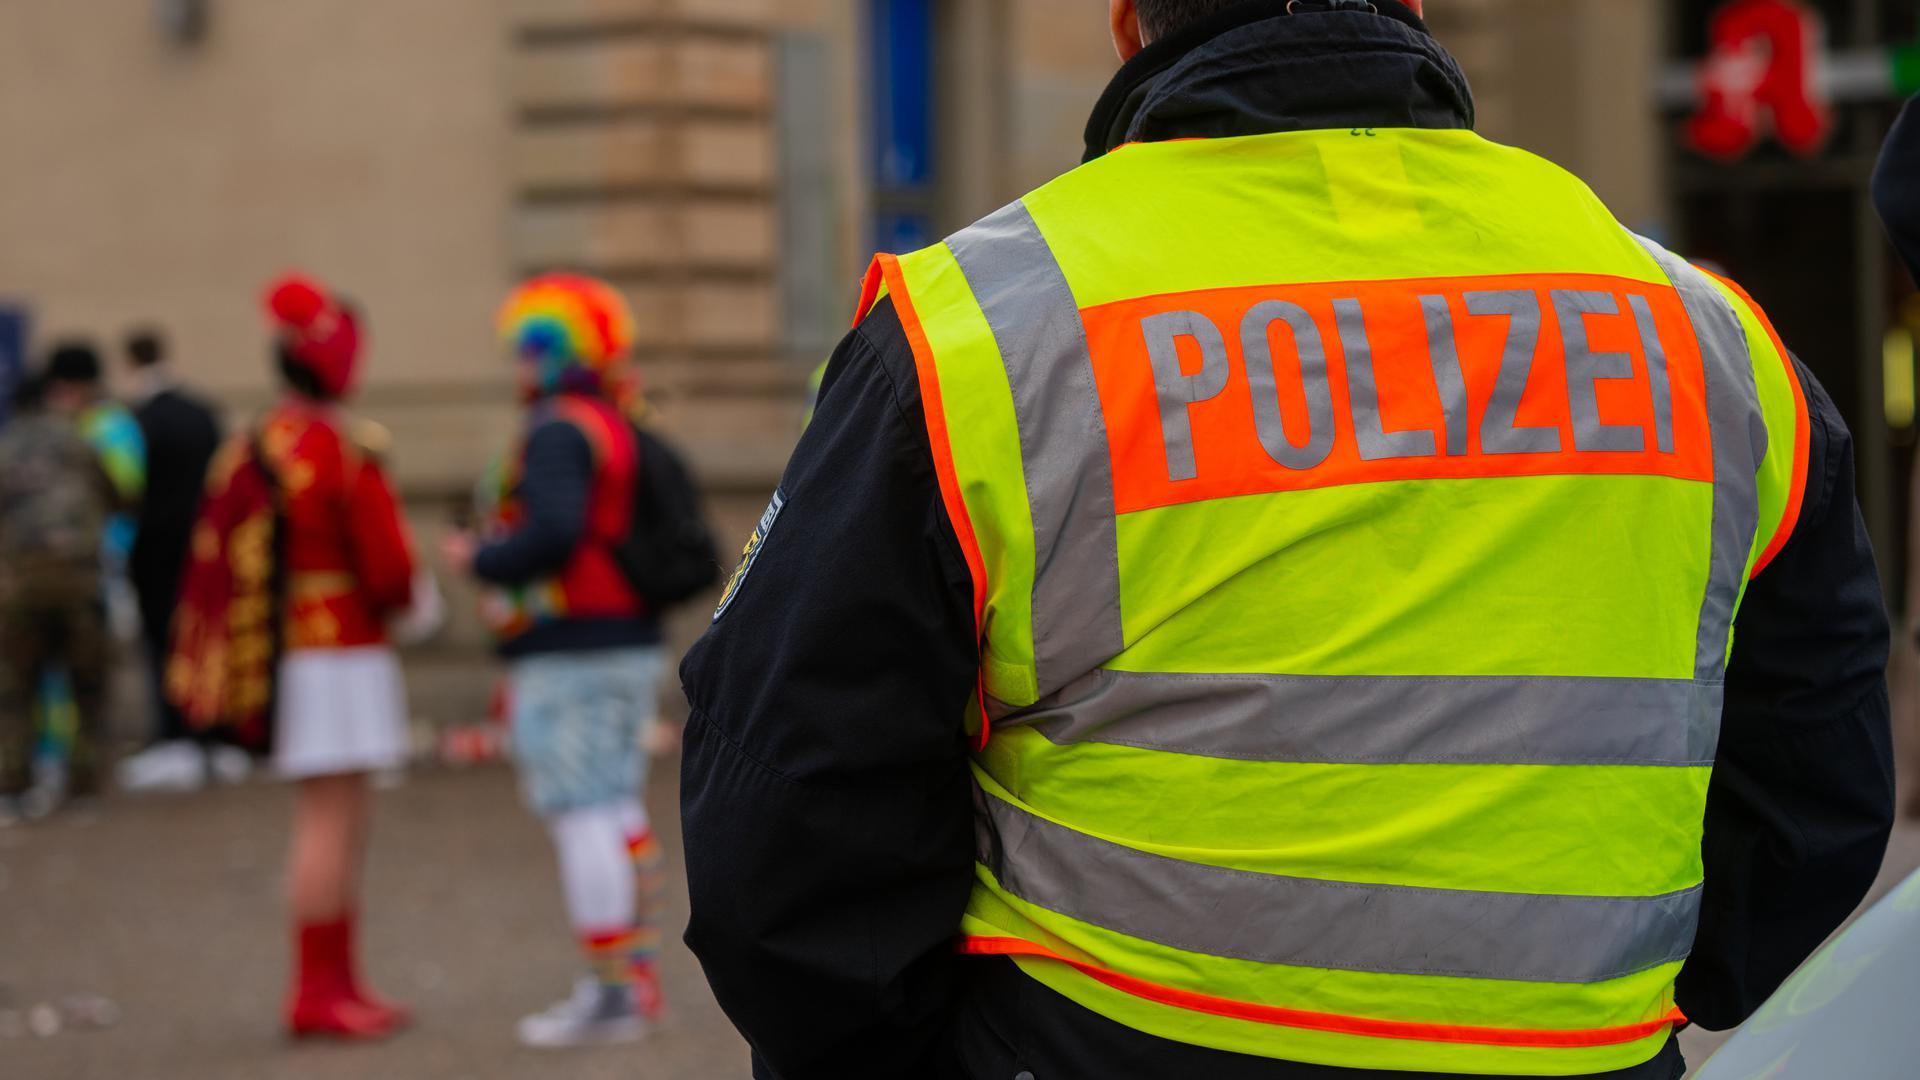 Verbotenes närrisches Treiben: Doch die Polizei ist schon vor Ort. (Symbolbild)